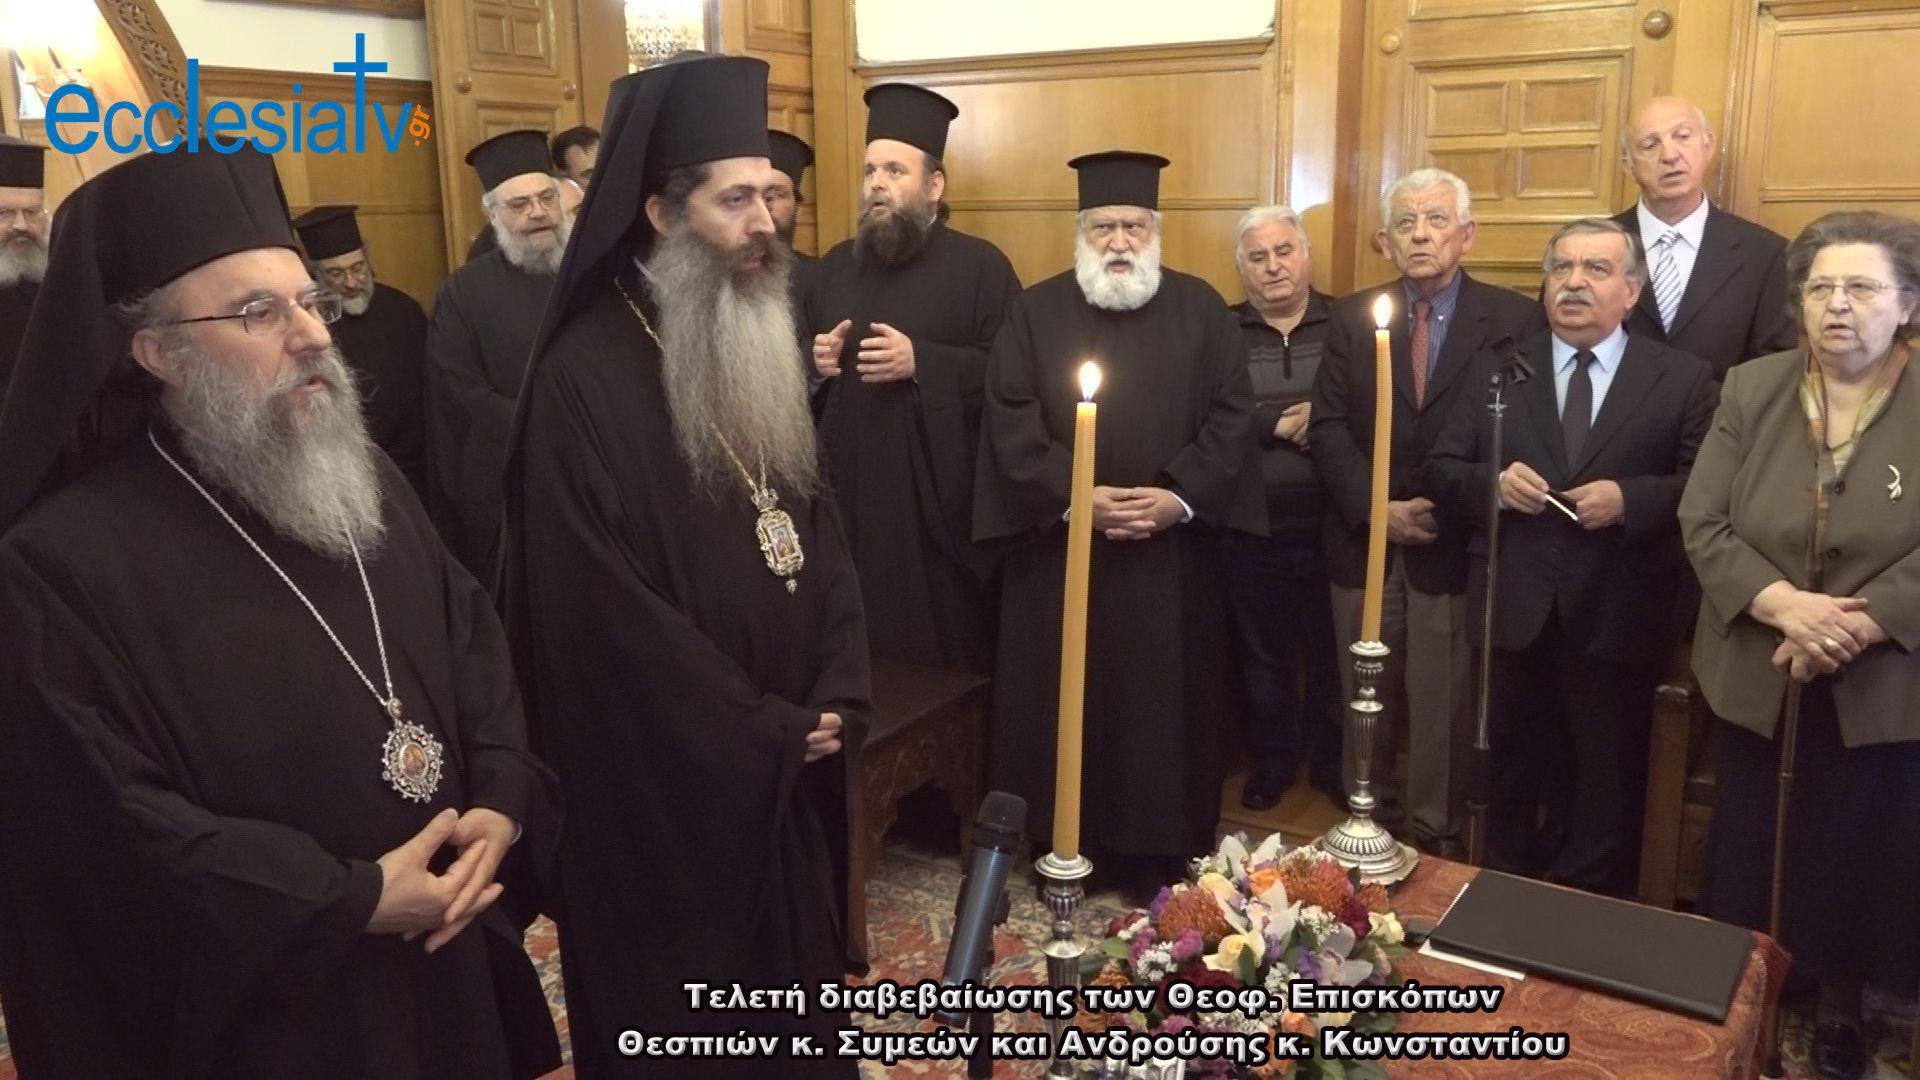 Τελετή διαβεβαίωσης των Θεοφ. Επισκόπων Θεσπιών κ. Συμεών και Ανδρούσης κ. Κωνσταντίου VIDEO & FOTO